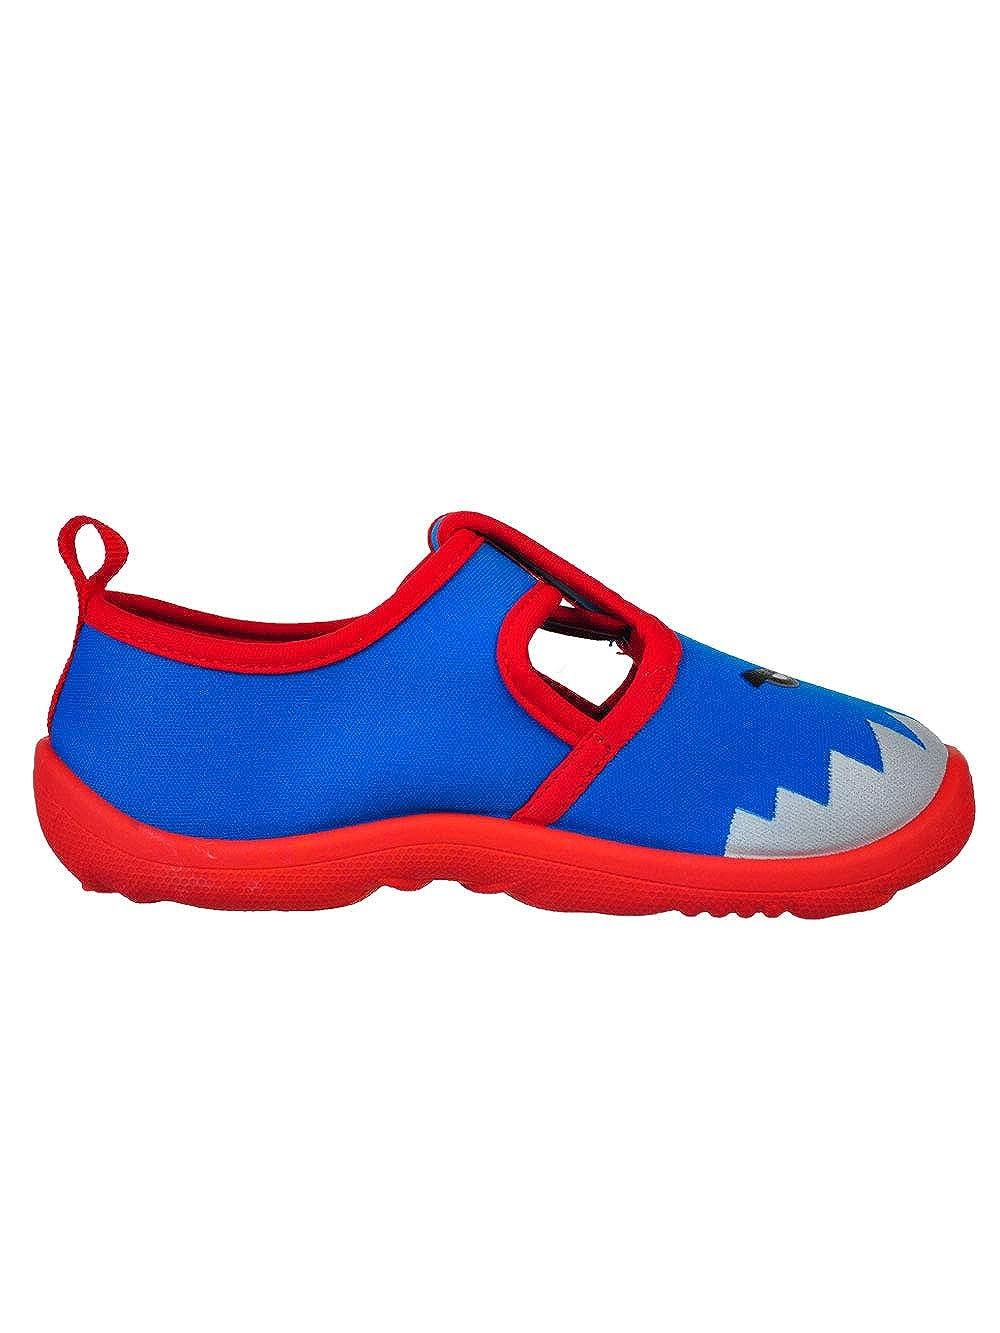 Aqua Kiks Boys Water Shoes